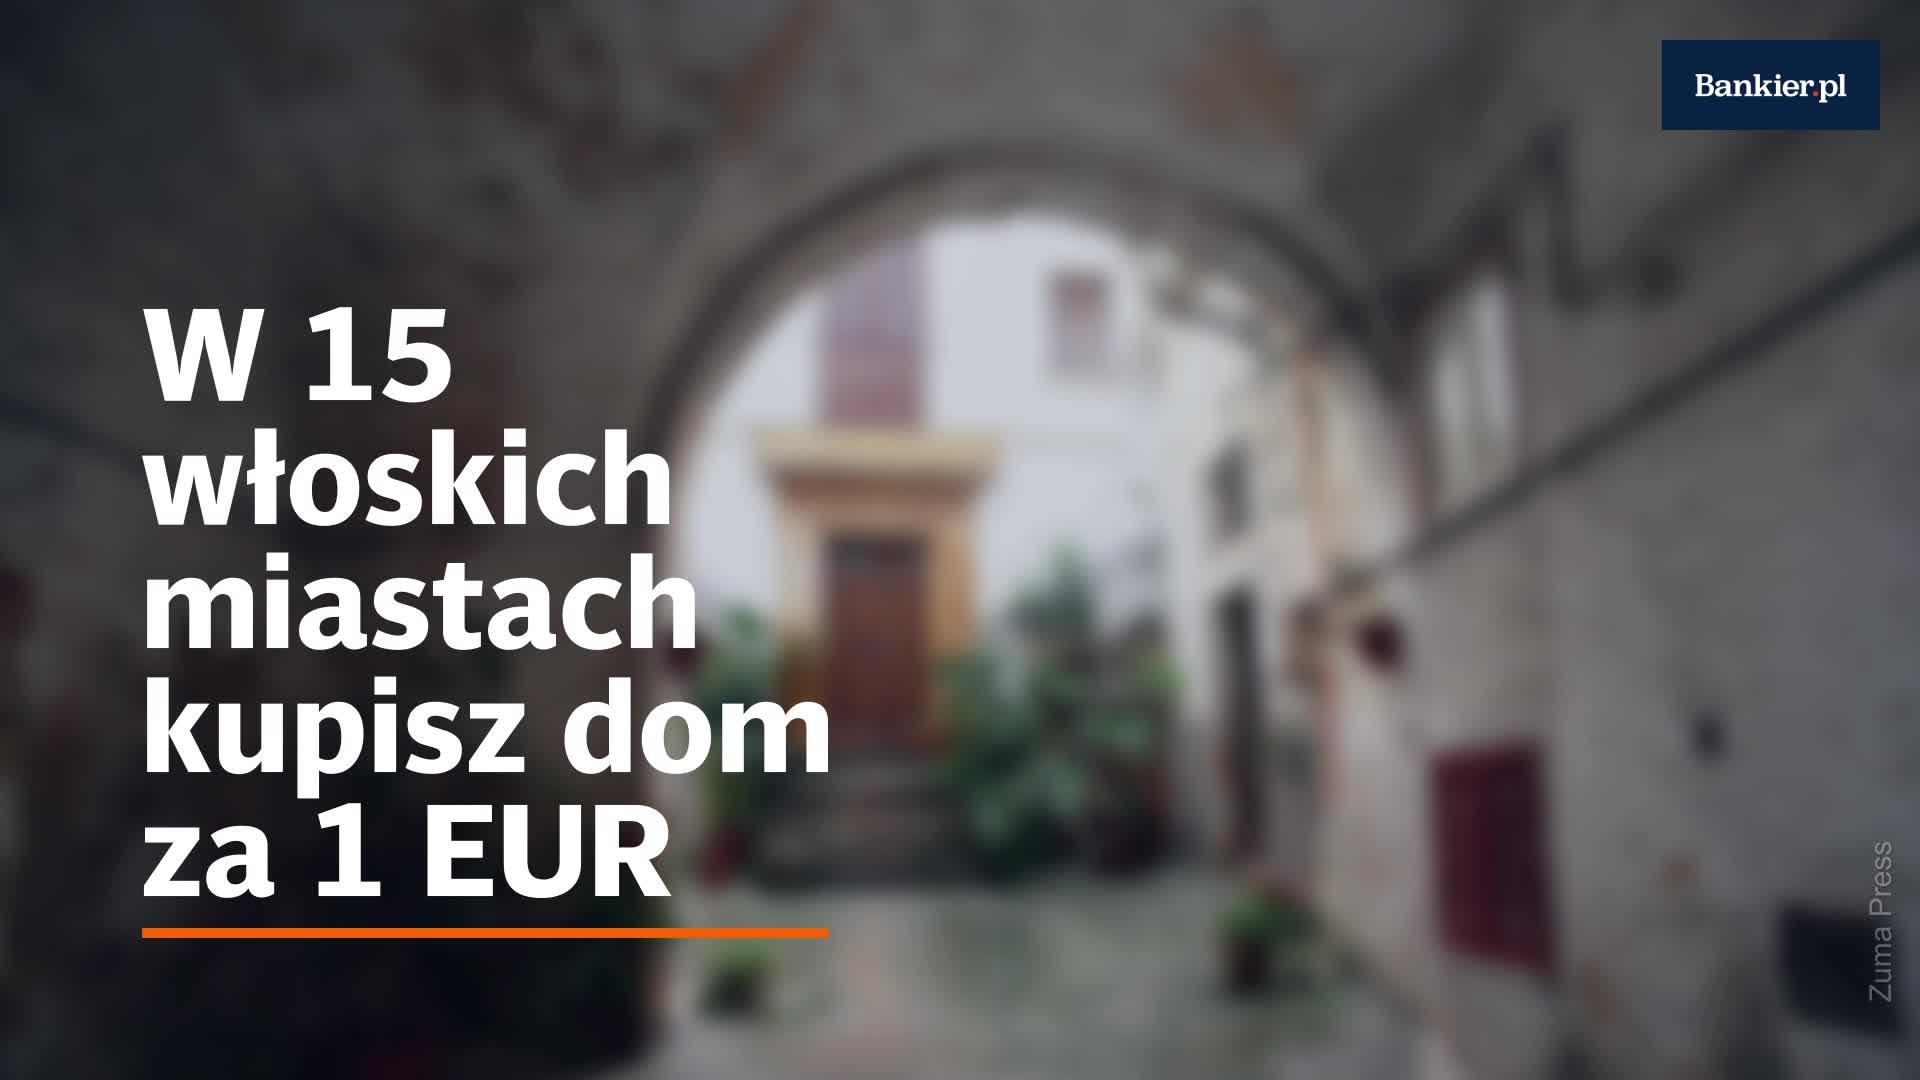 W 15 włoskich miastach kupisz dom za 1 EUR